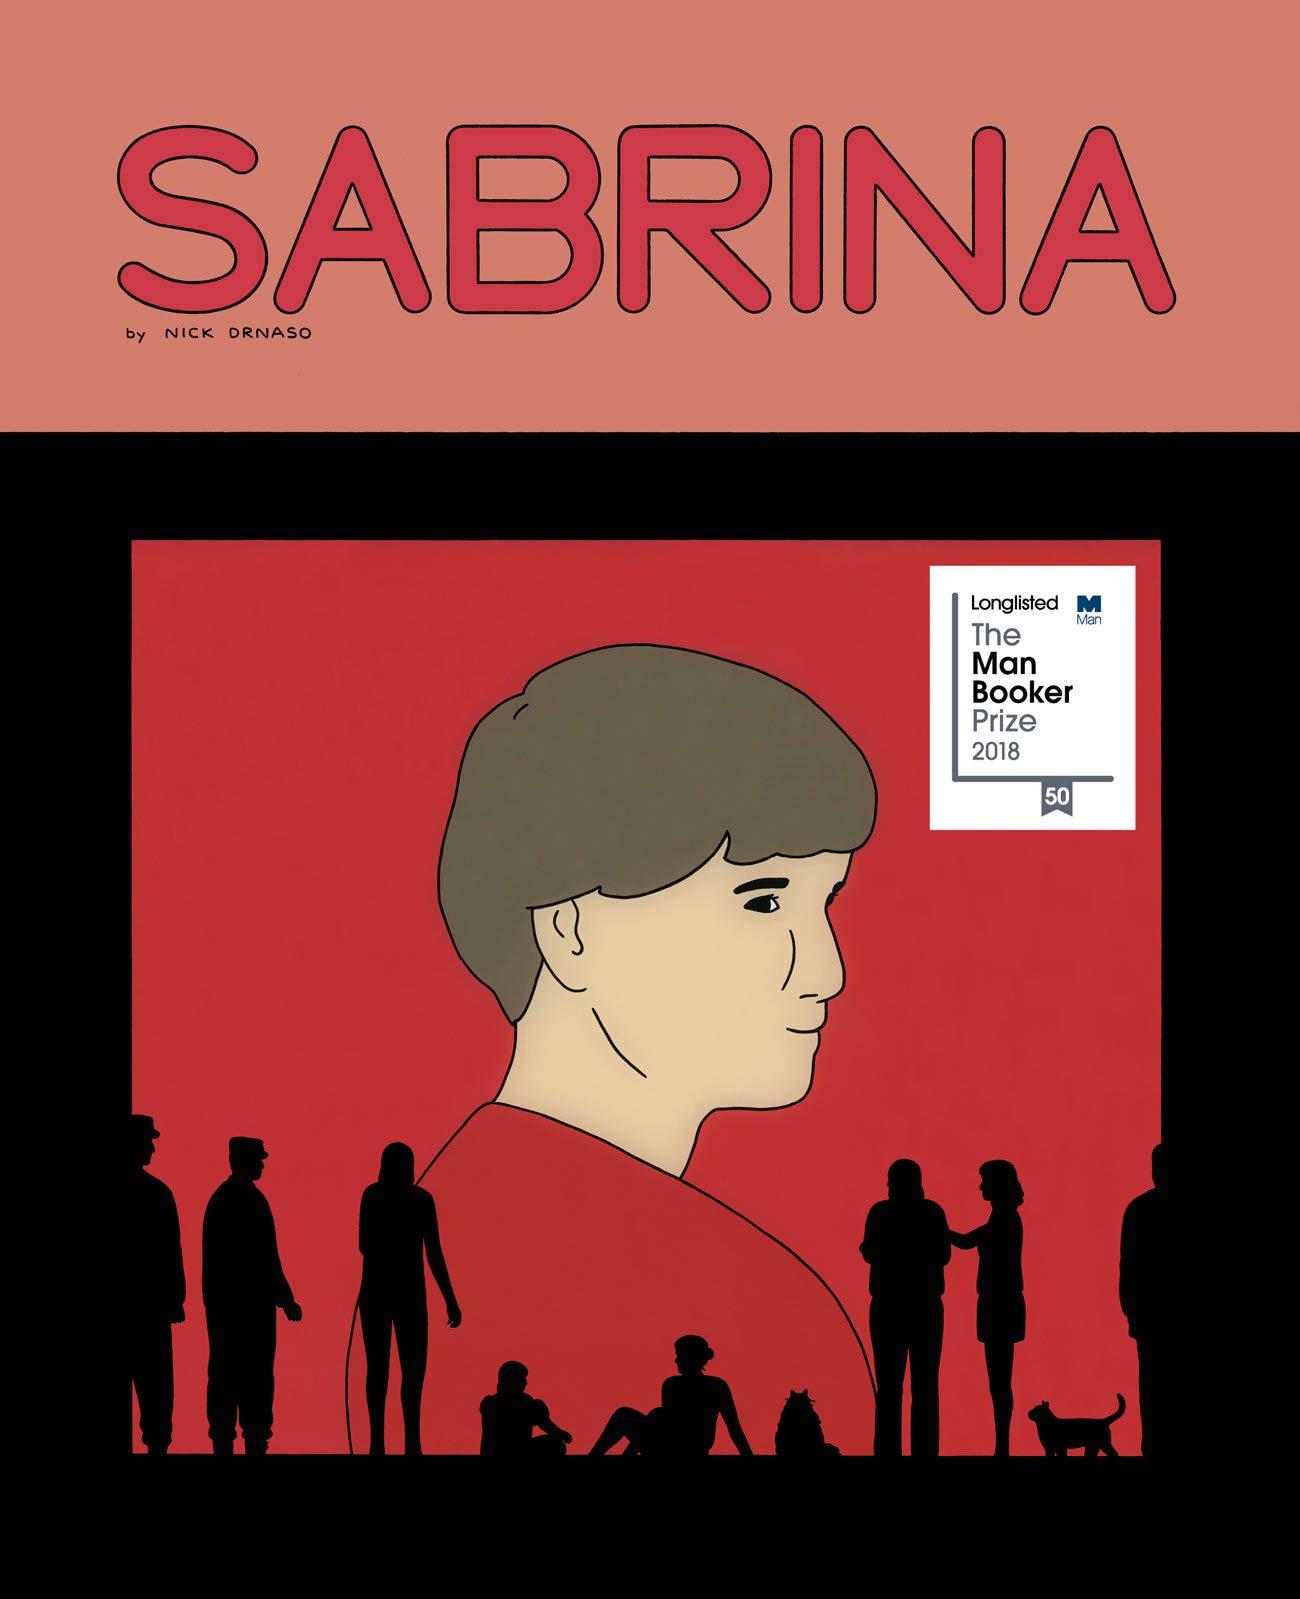 sabrina cover - <b>Две принцессы, «Отчизна» и холодная война.</b> Обзор лучших комиксов на Забороне - Заборона